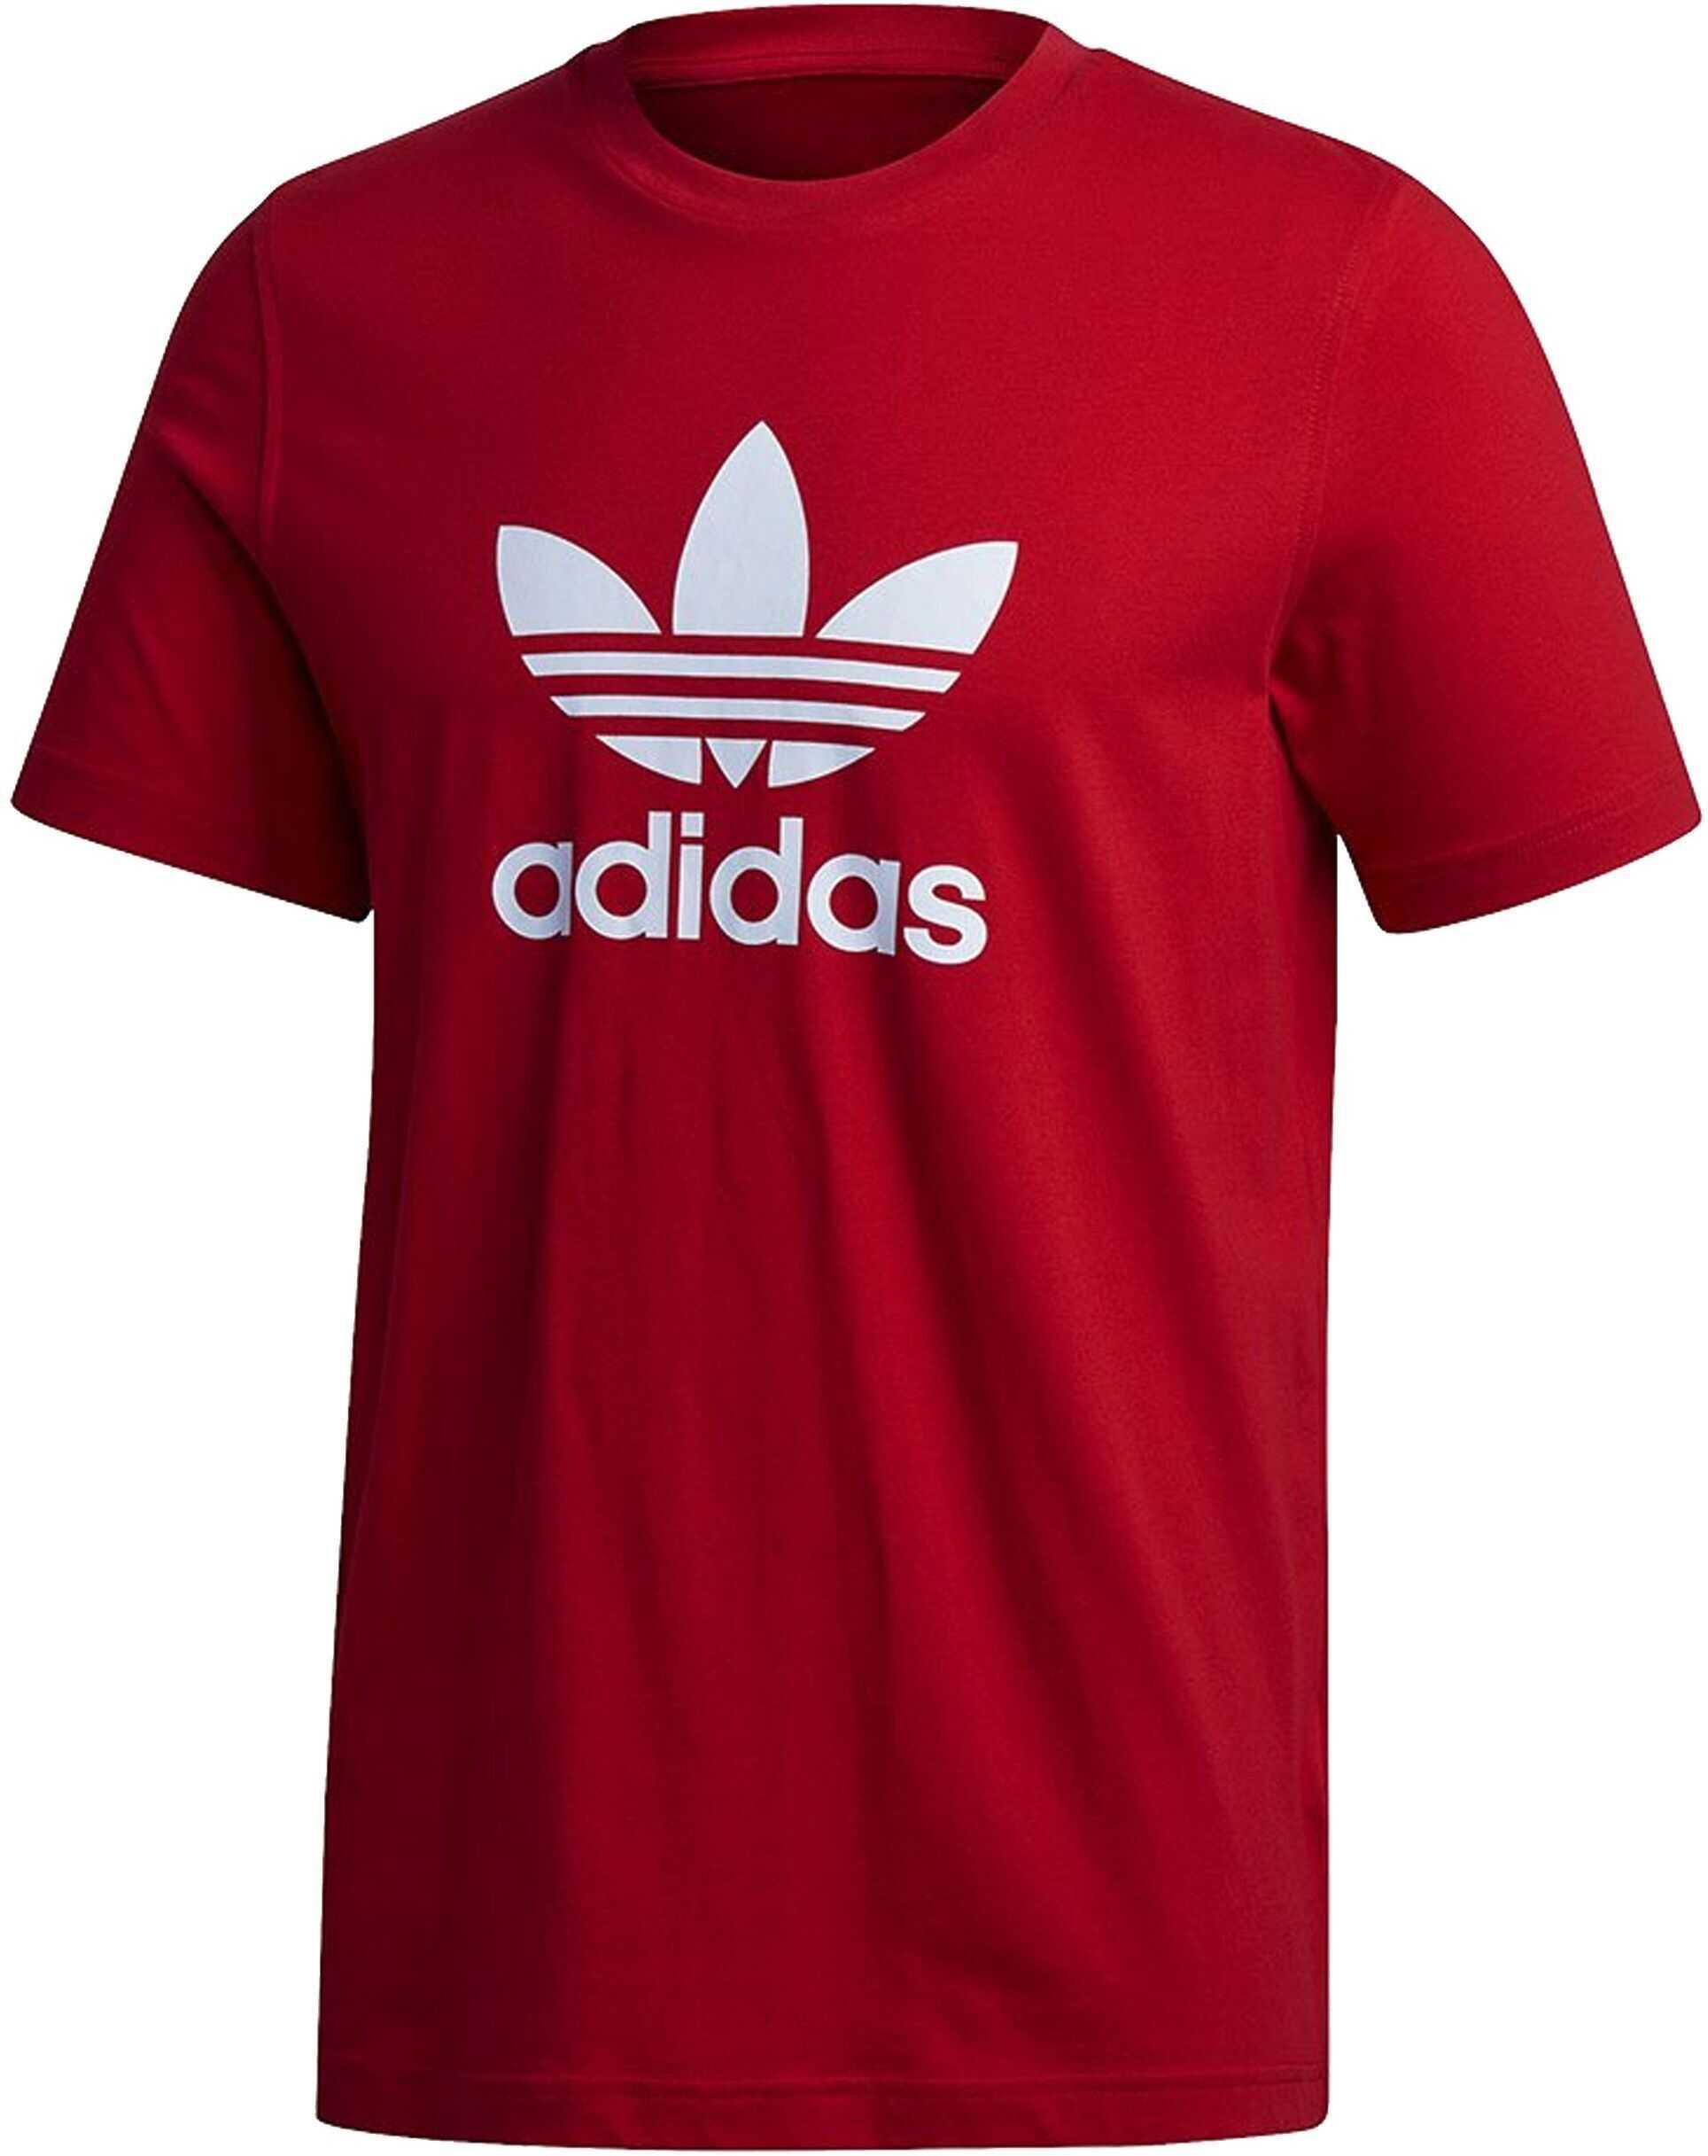 adidas Trefoil Tshirt Scarle Rosu